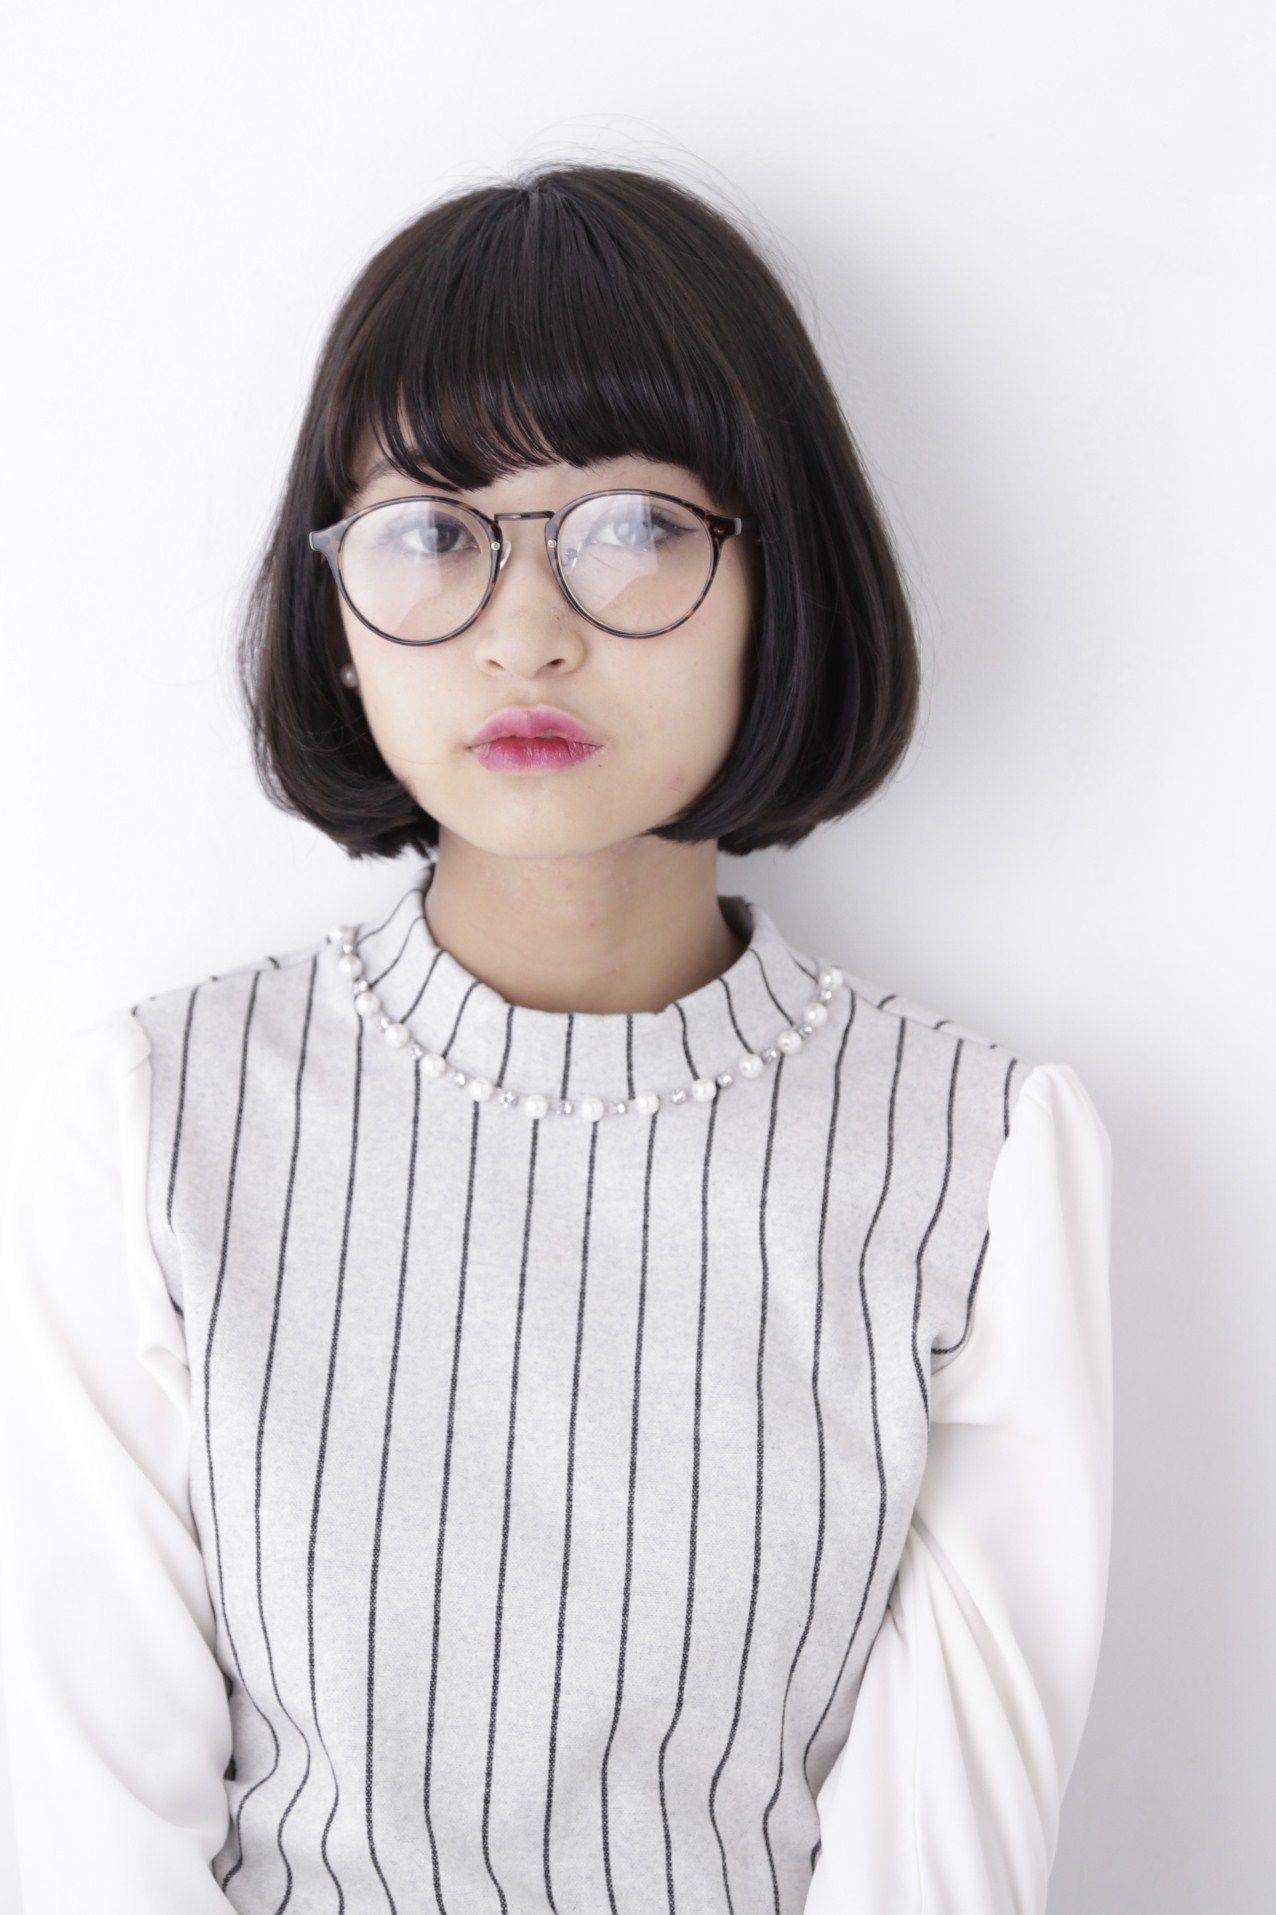 表参道 芸能人&読者モデルも注目!!めがね女子のお洒落ヘアスタイル【